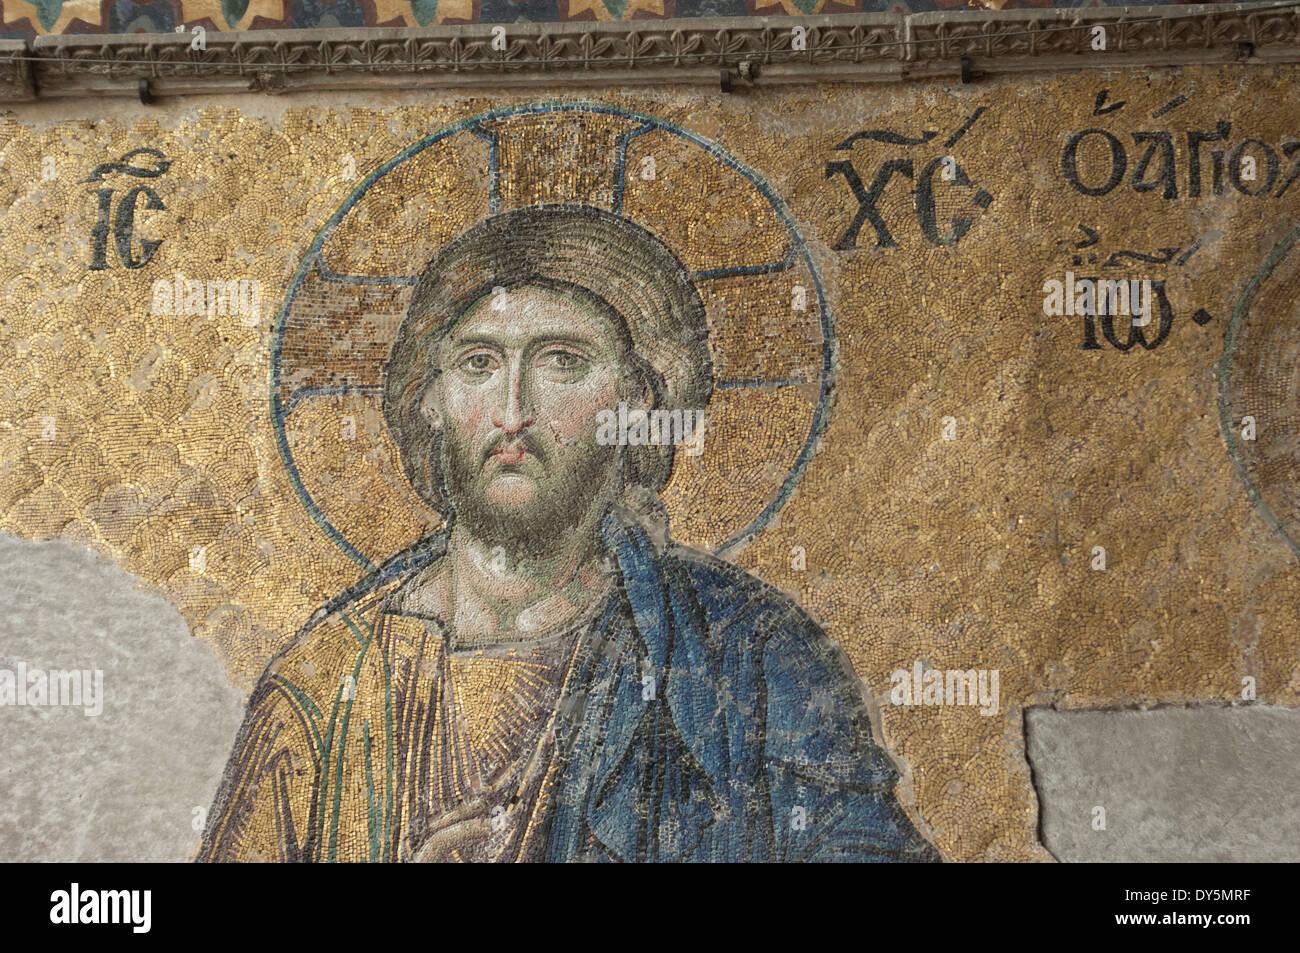 Mosaico bizantino de Jesús en la iglesia de Santa Sofía, Estambul. Fotografía Digital. Foto de stock